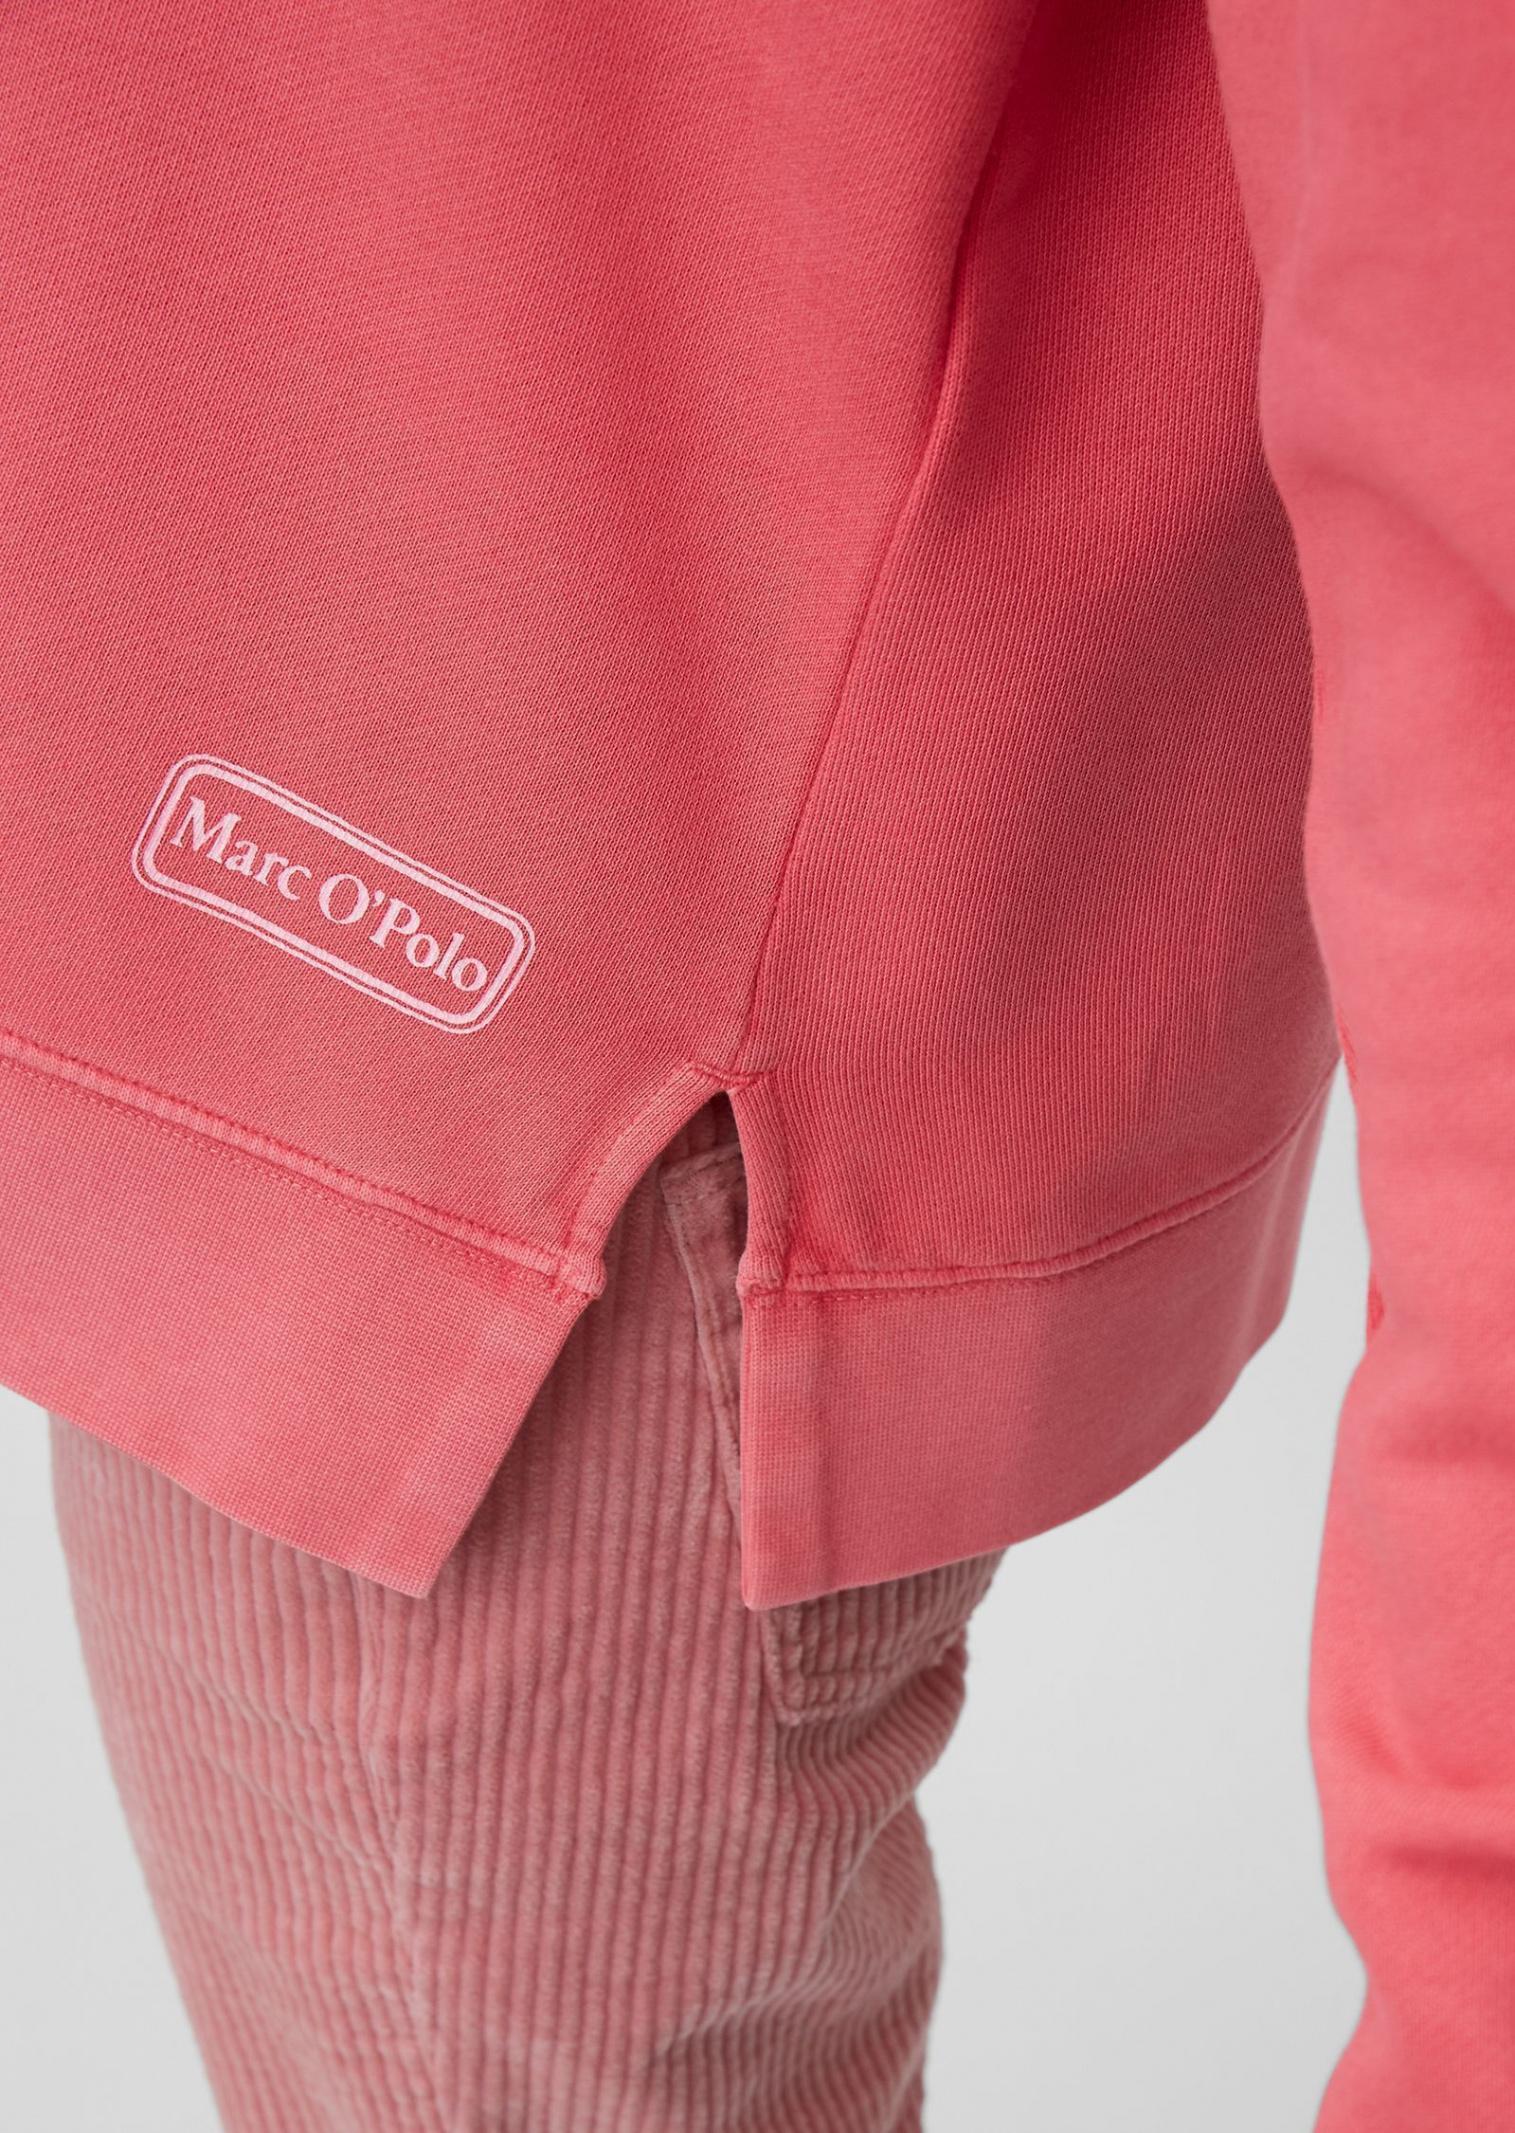 Кофты и свитера женские MARC O'POLO модель PF3950 купить, 2017